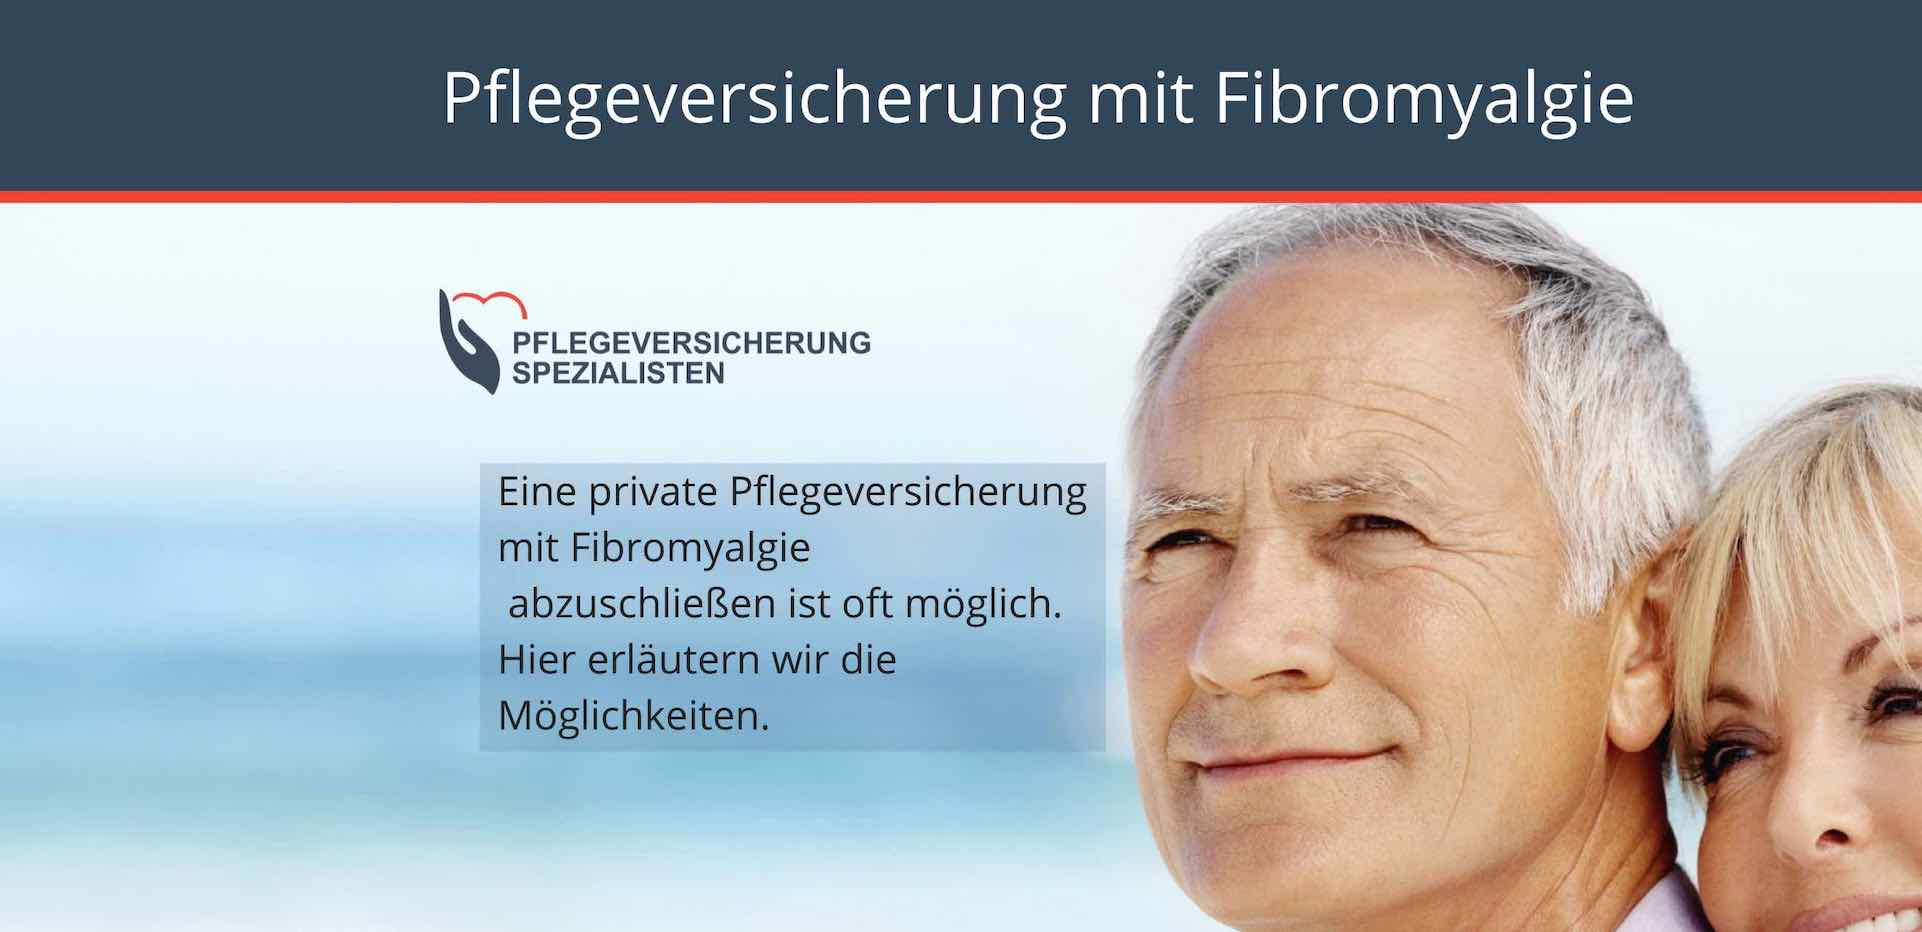 Pflegeversicherung mit Fibromyalgie